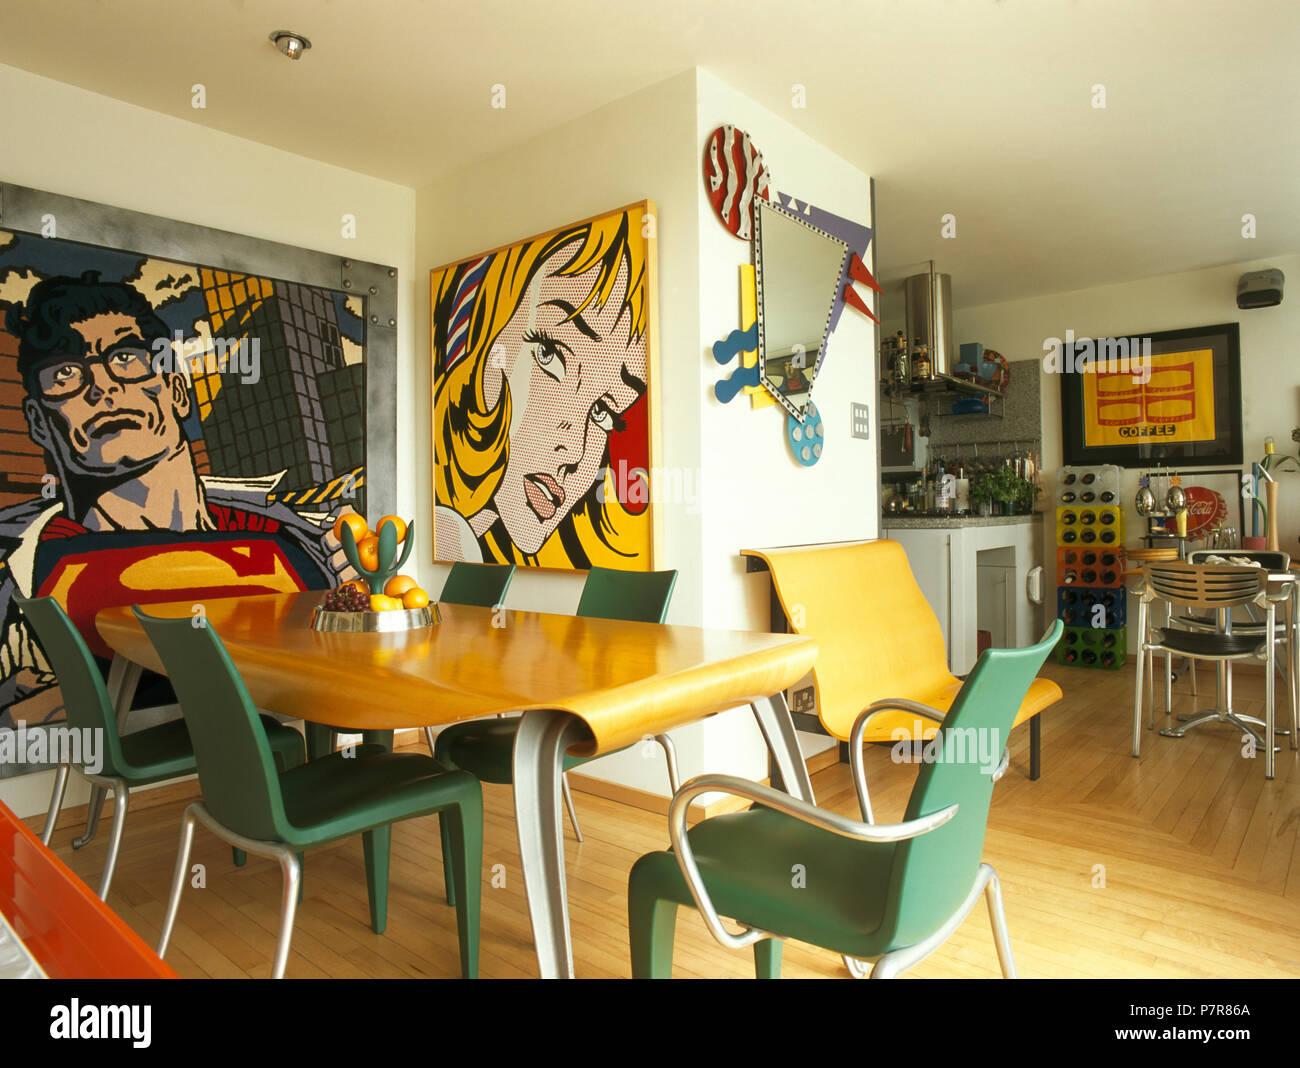 Pinturas de estilo de dibujos animados en 90 comedor con sillas de ...